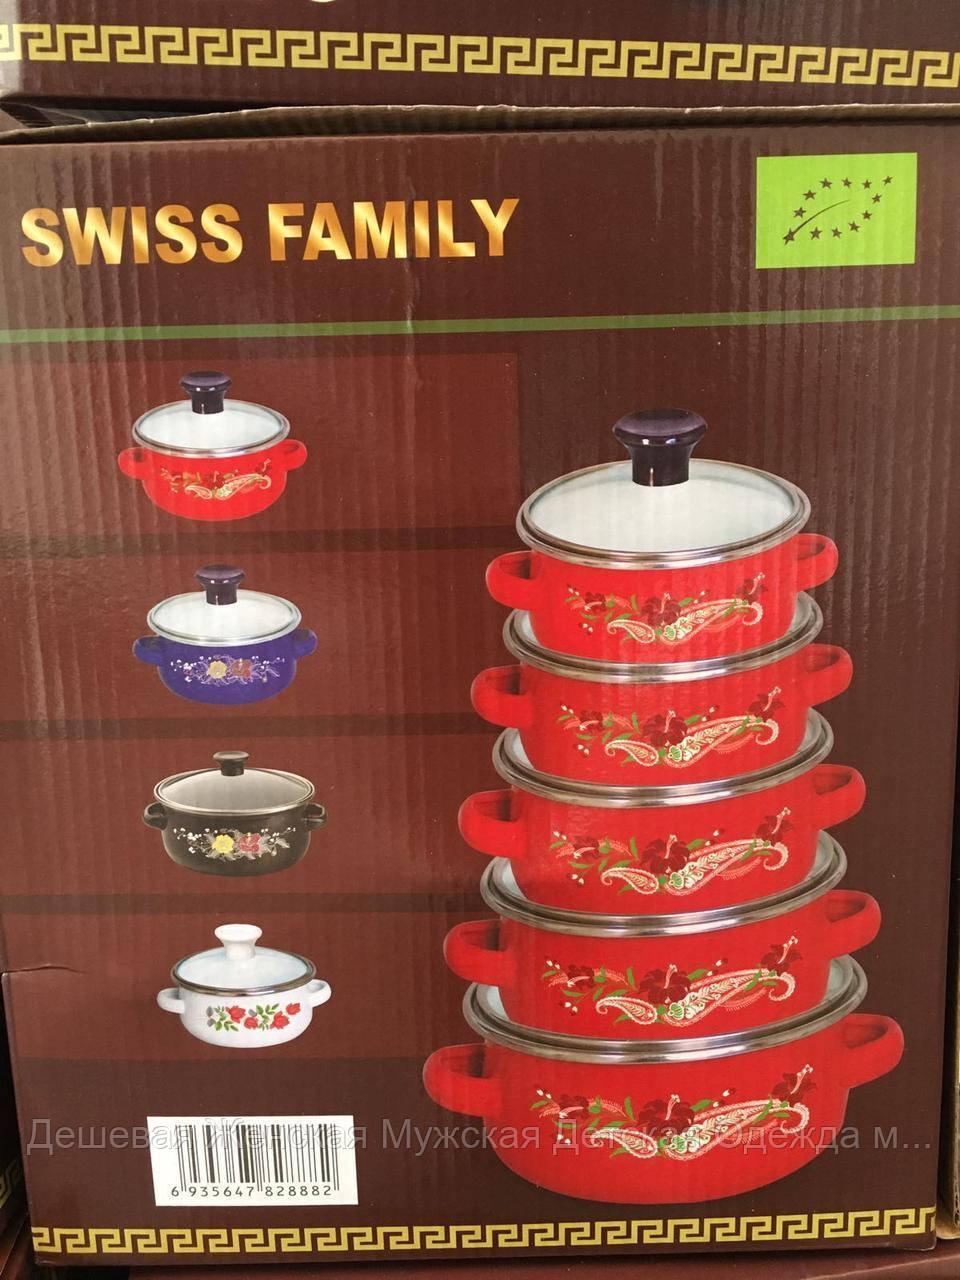 Набор кастрюль Swiss Family